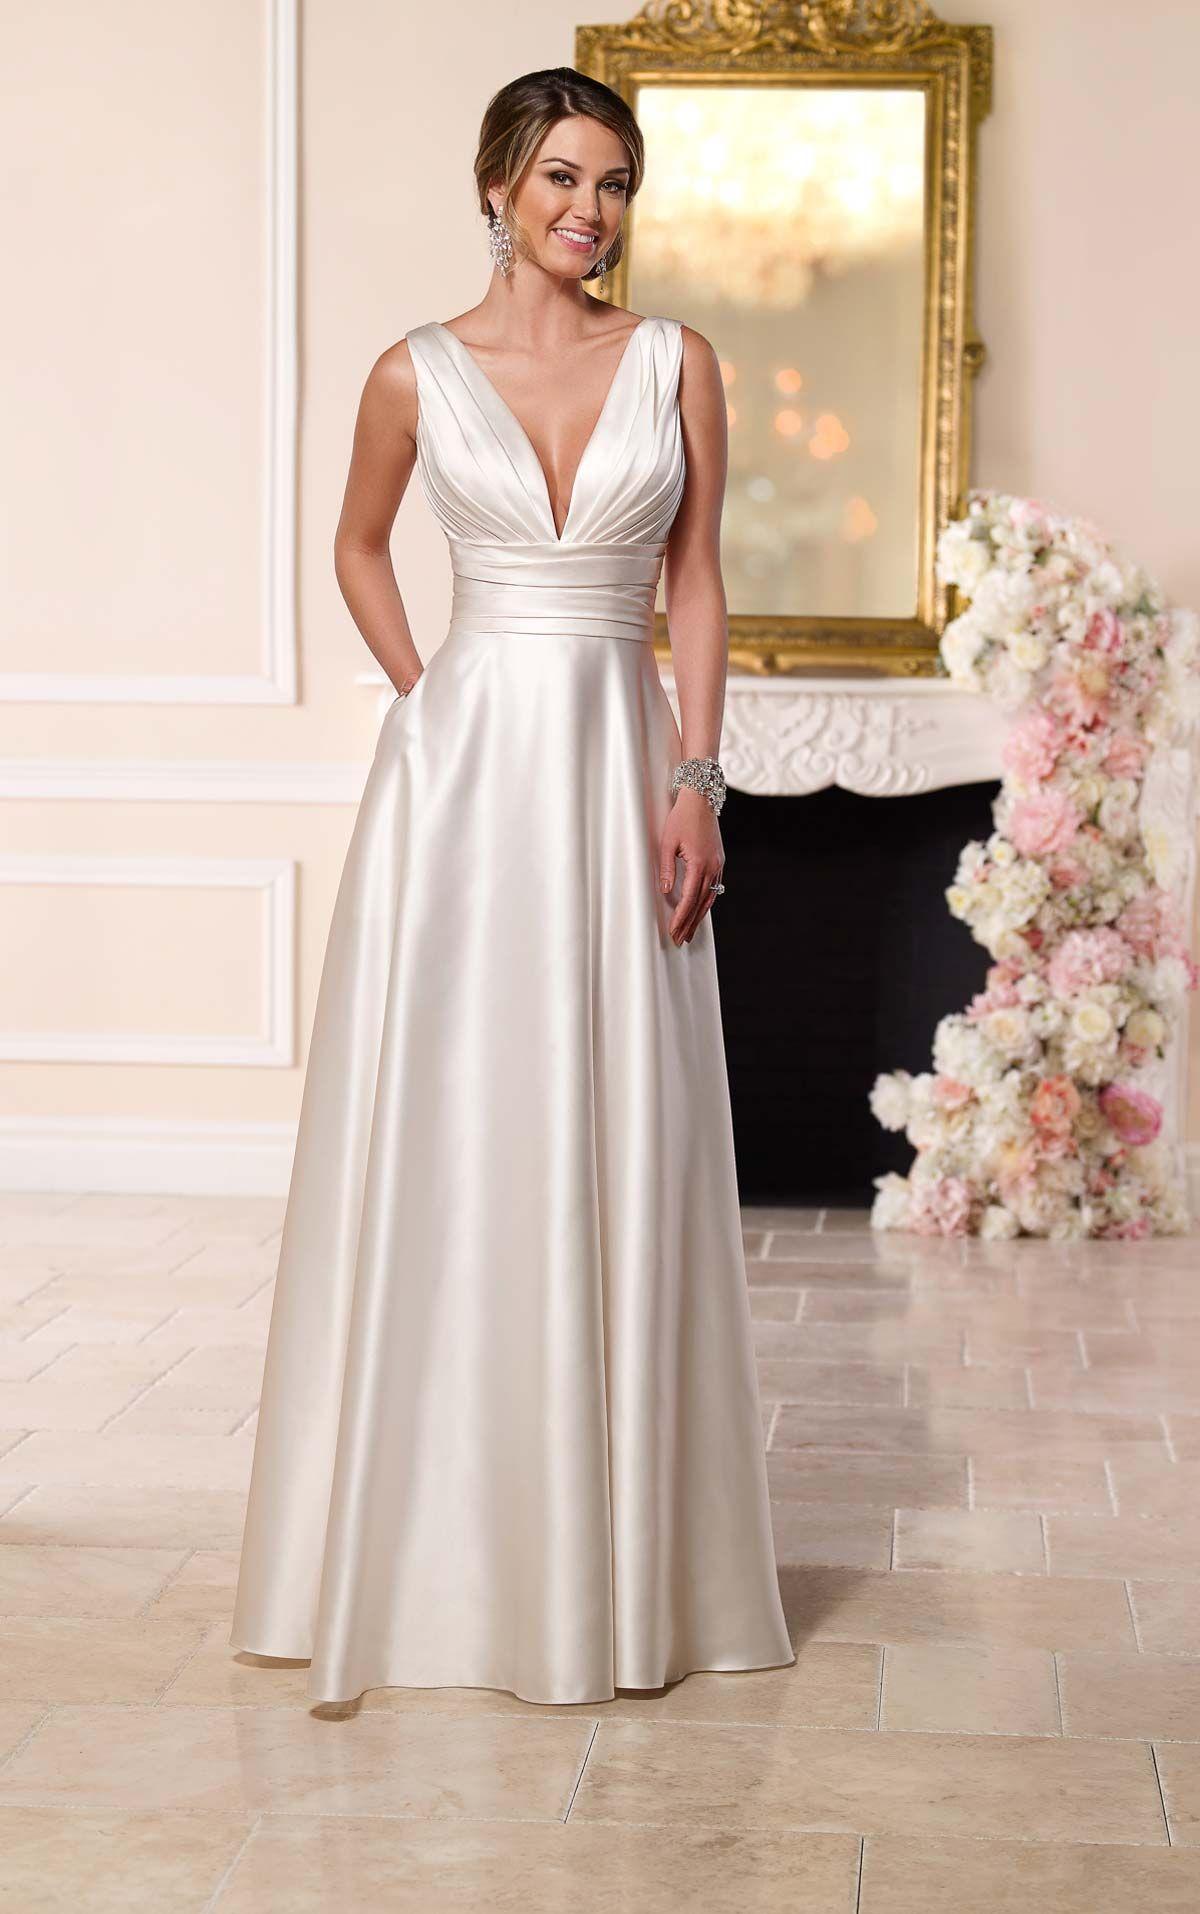 Luxe Satin Wedding Dress | Hochzeitskleider